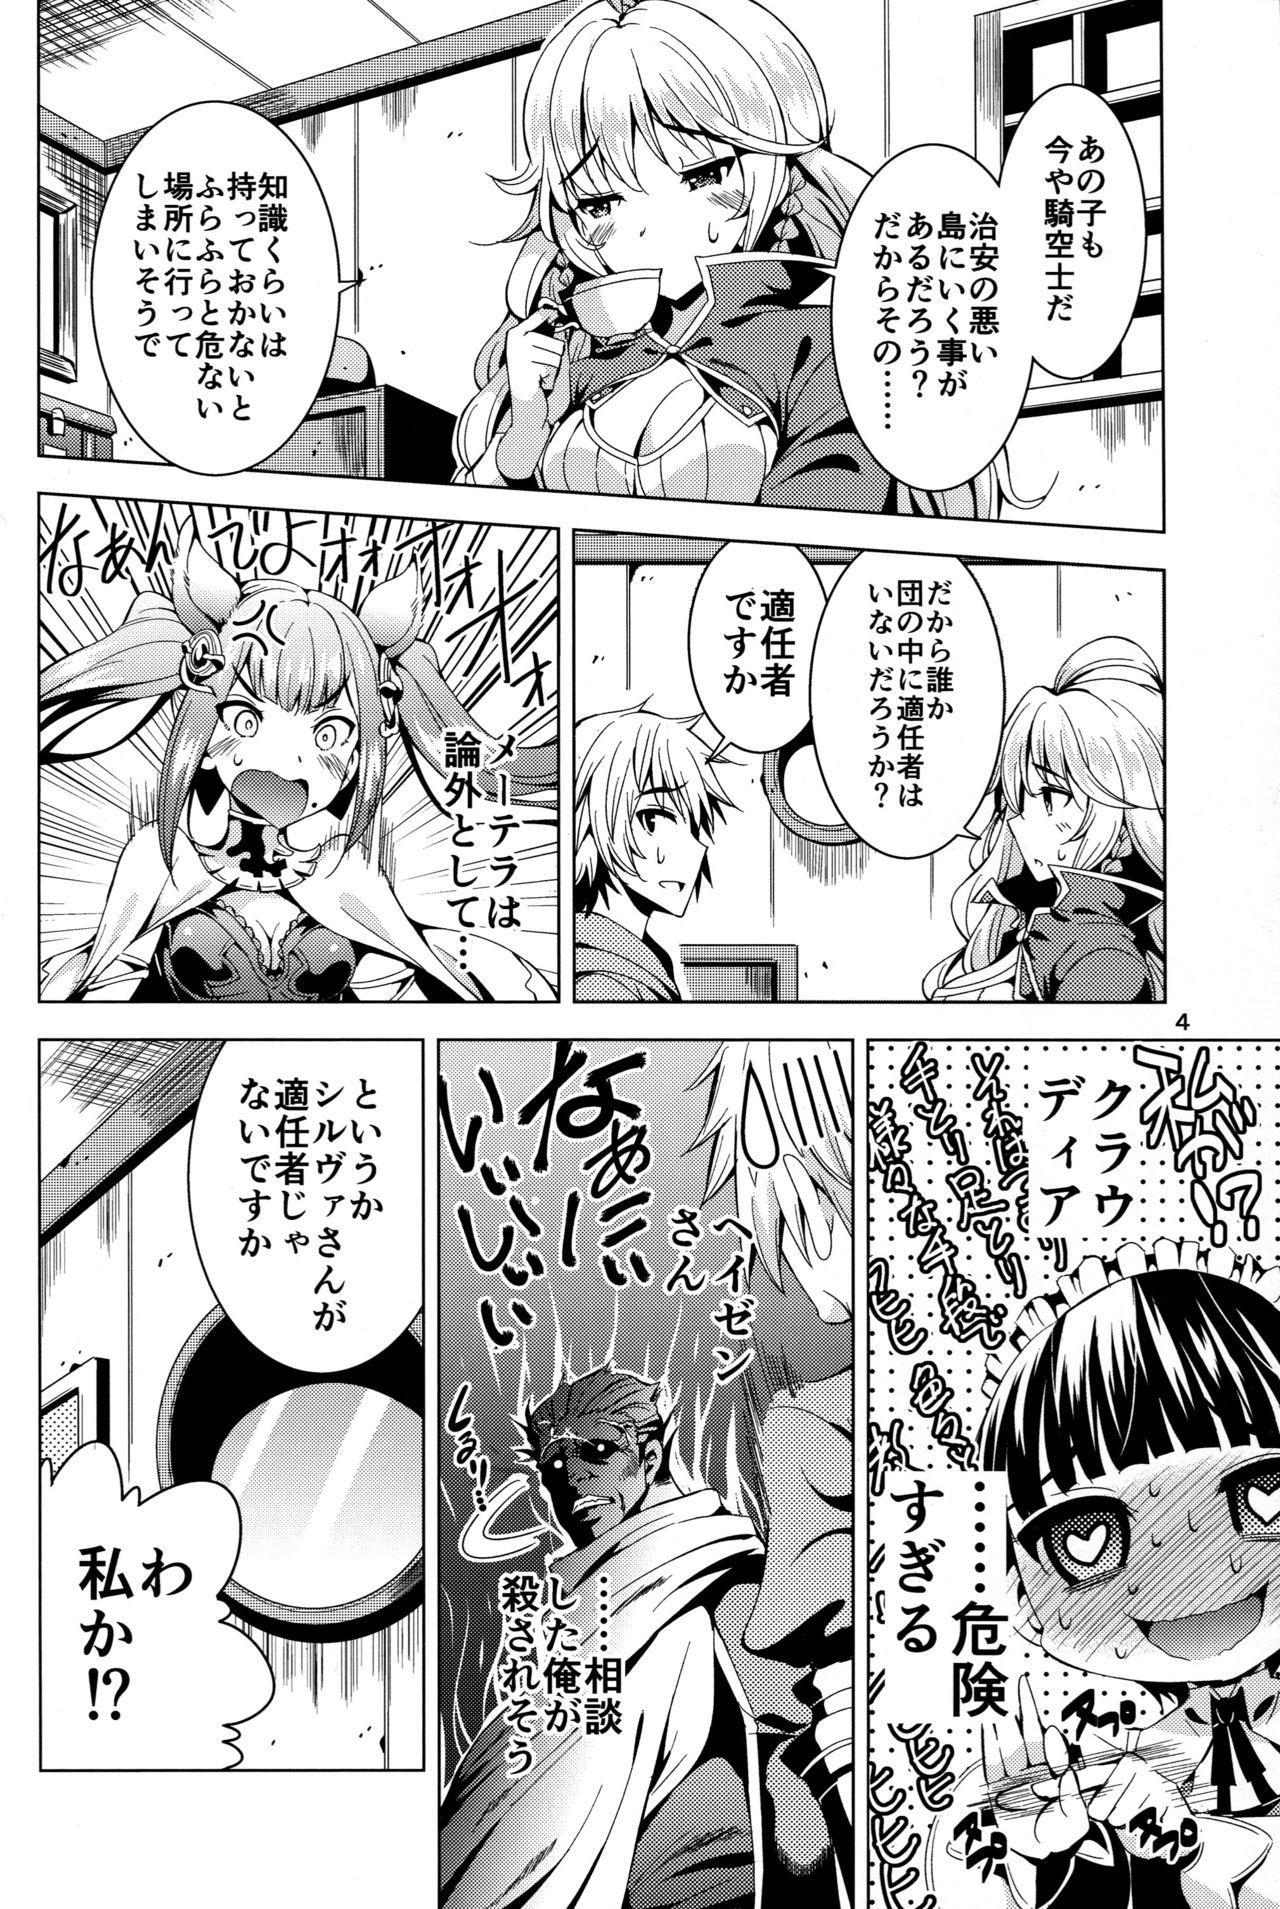 Silva-san ni Nekketsu Hicchuu Chain Burst 3